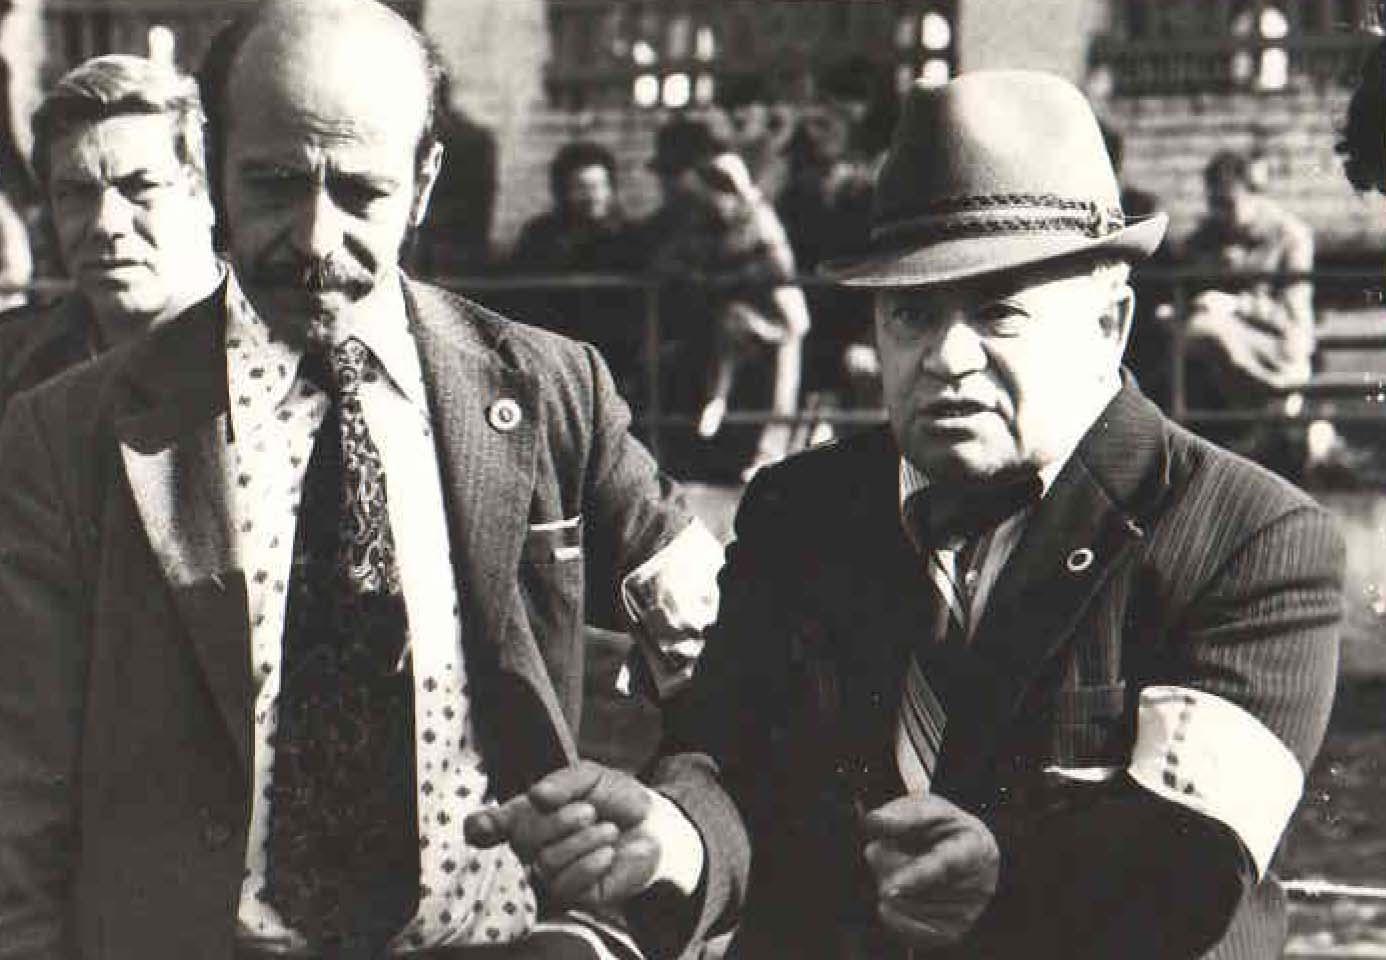 Главный судья выставки Бродницкий В.В. (г. Москва), старший судья ринга Красносельский В.И. (г. Усть - Лабинск). 1983 год.